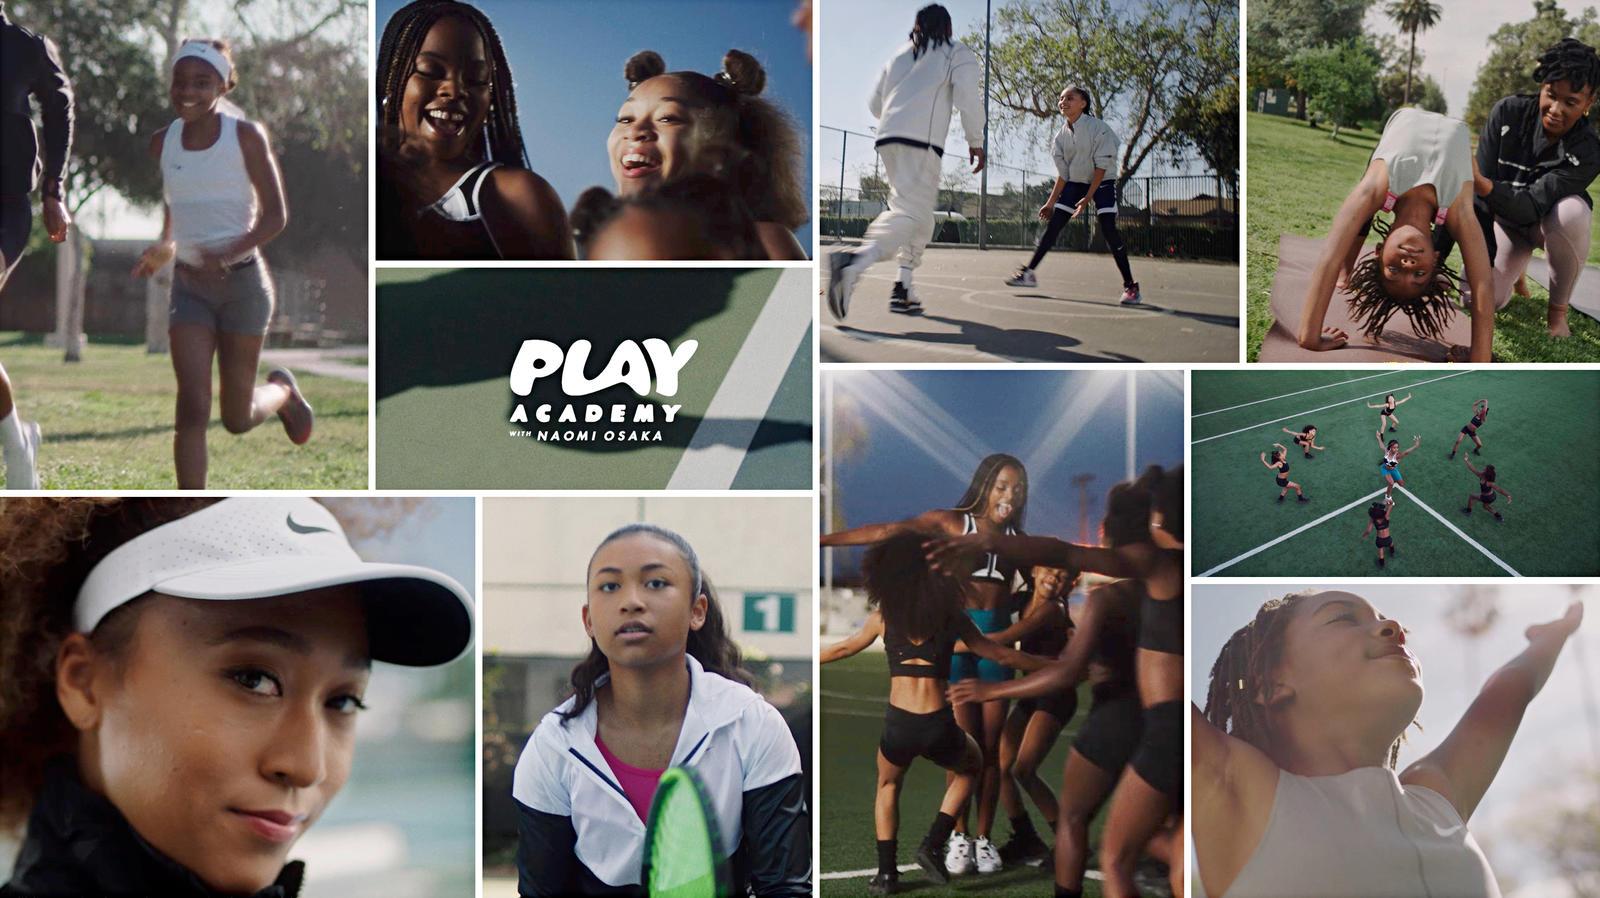 Play Academy Naomi Osaka Los Angeles Haiti Expansion 0